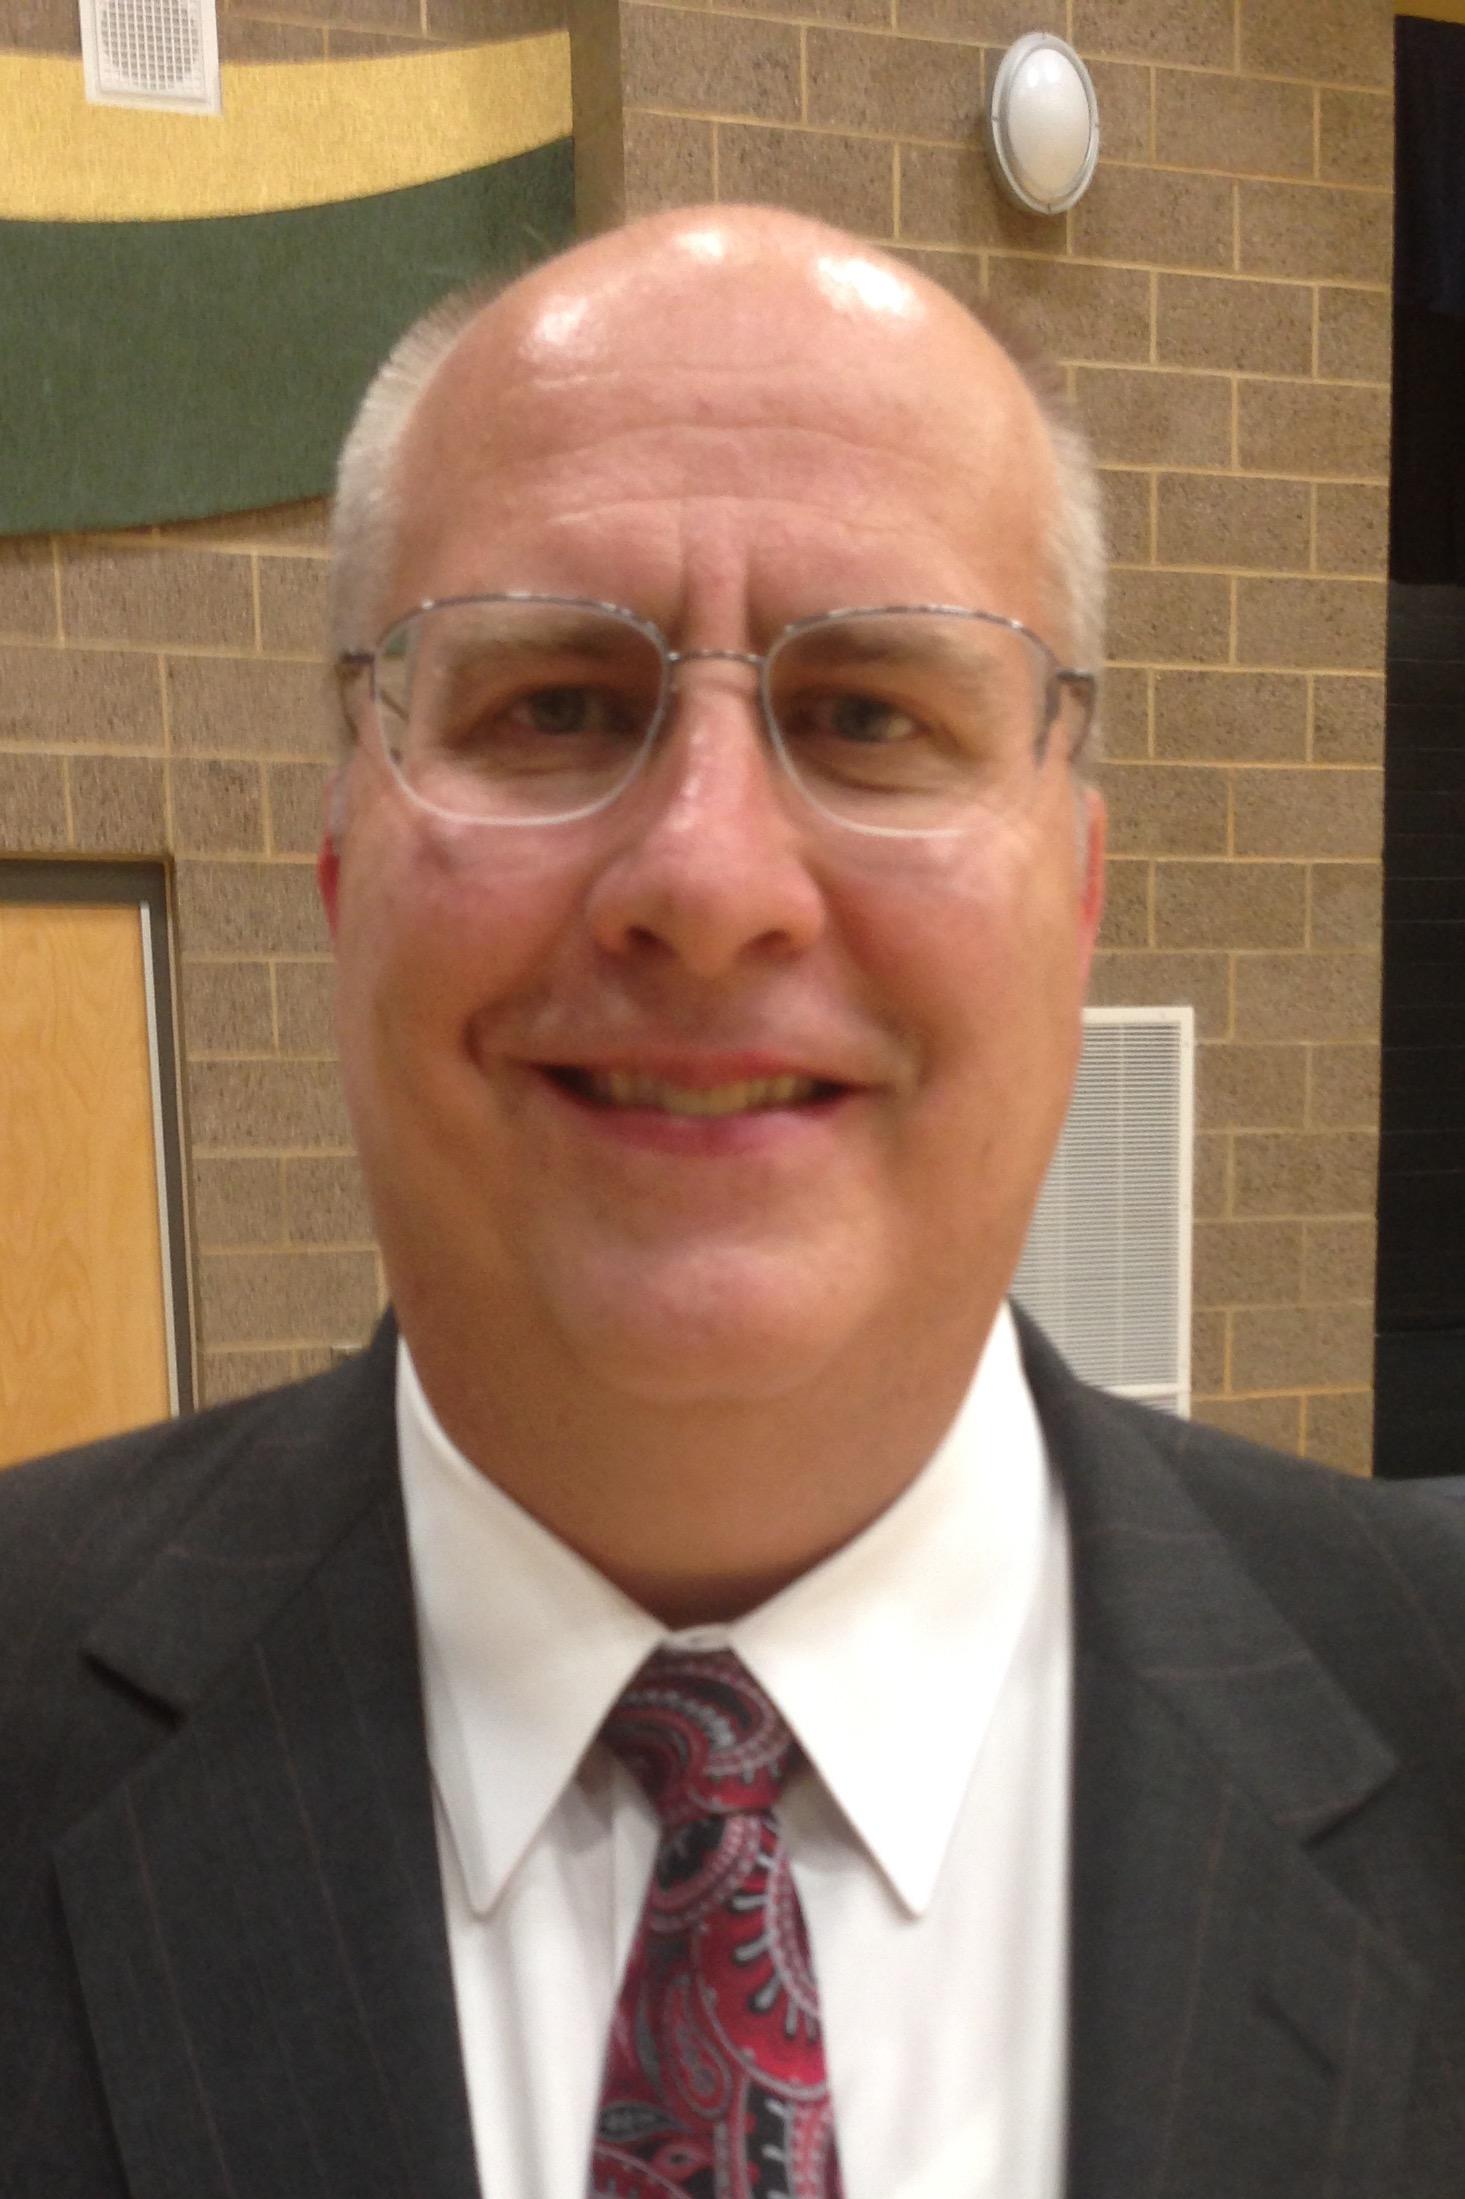 JeffreyTurleyMug